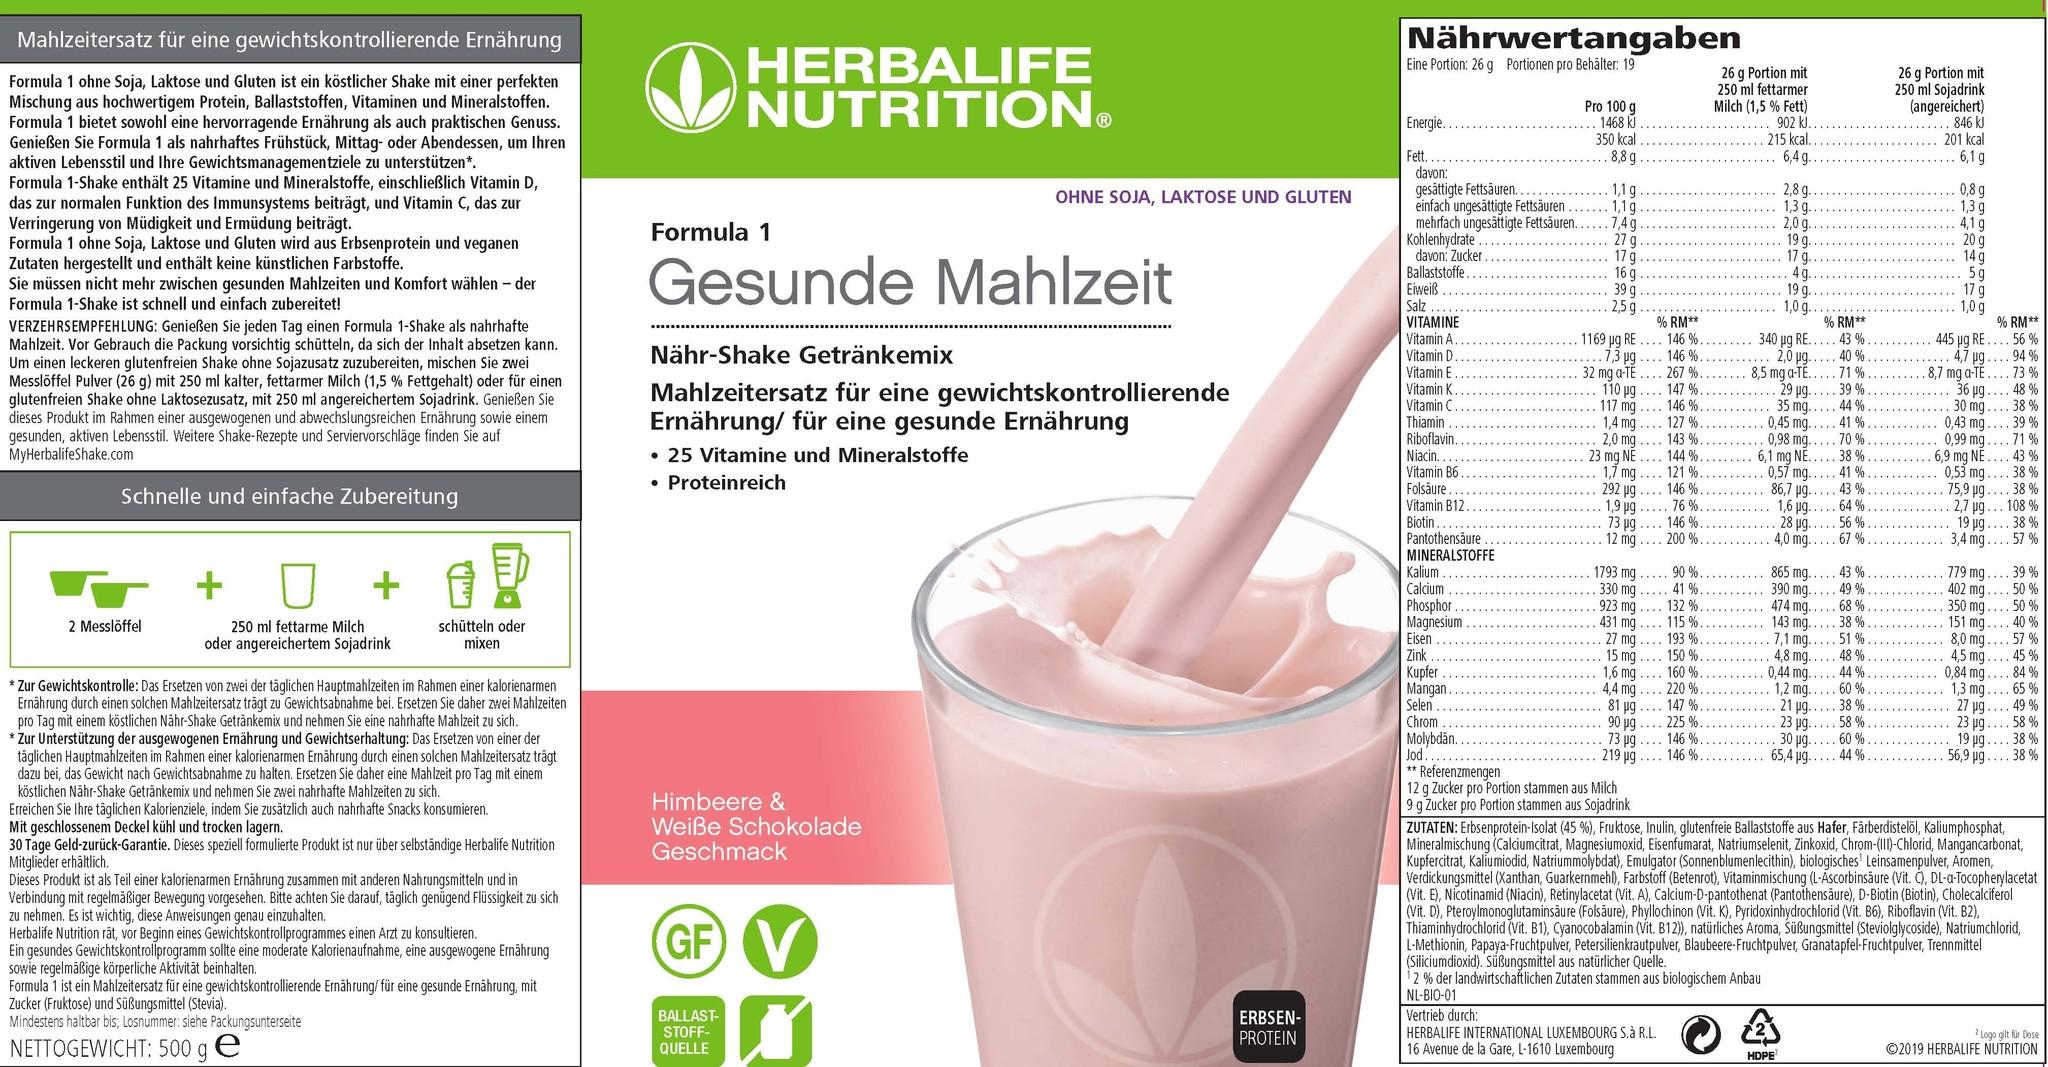 Herbalife Formula 1 Lampone e cioccolato bianco – Free From - Senza lattosio glutine soia